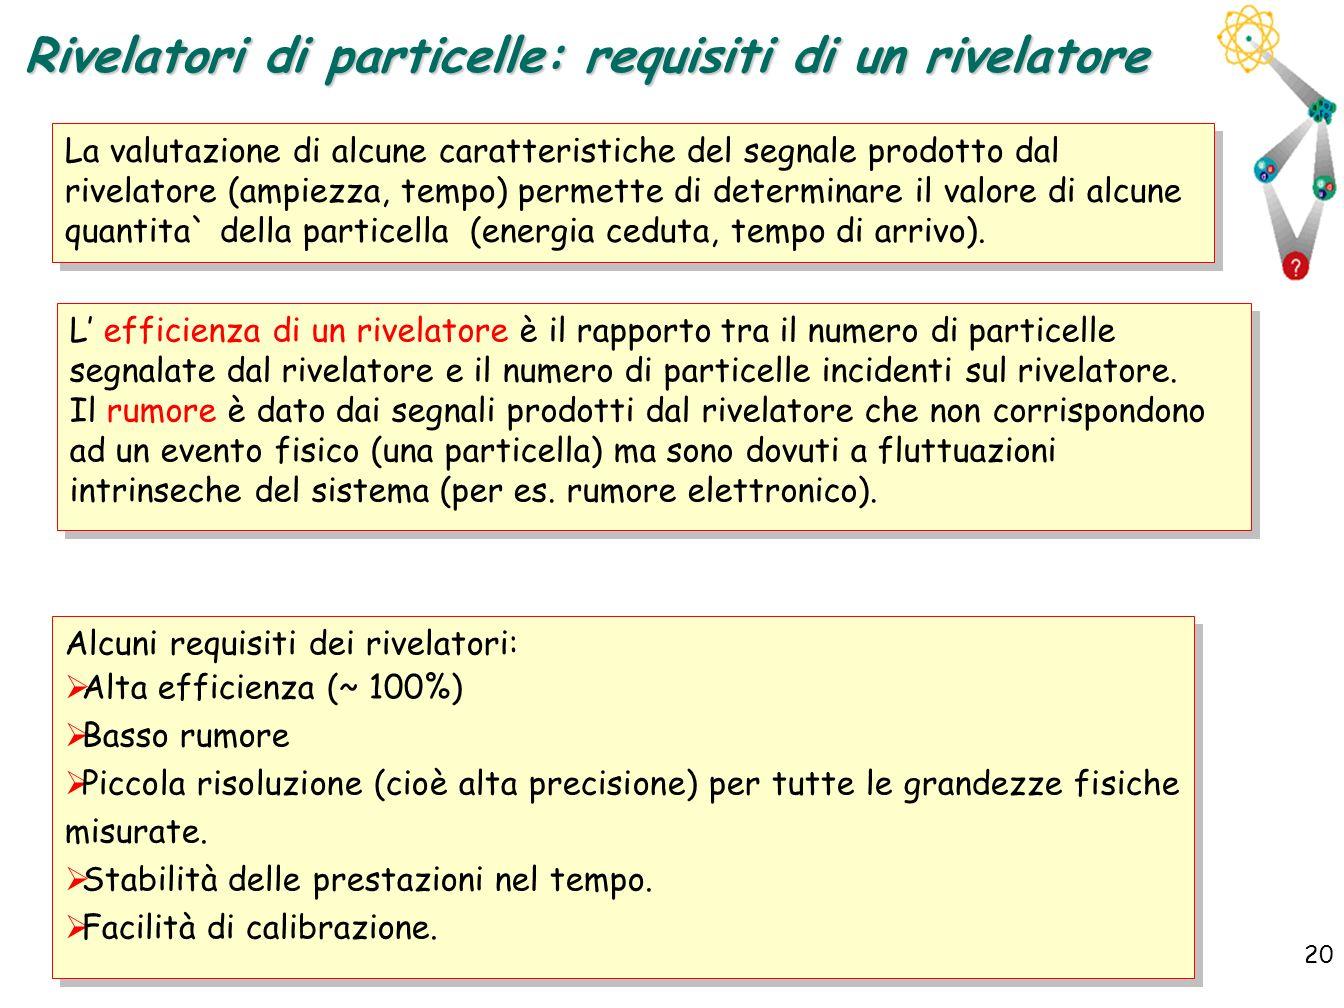 20 Rivelatori di particelle: requisiti di un rivelatore La valutazione di alcune caratteristiche del segnale prodotto dal rivelatore (ampiezza, tempo)